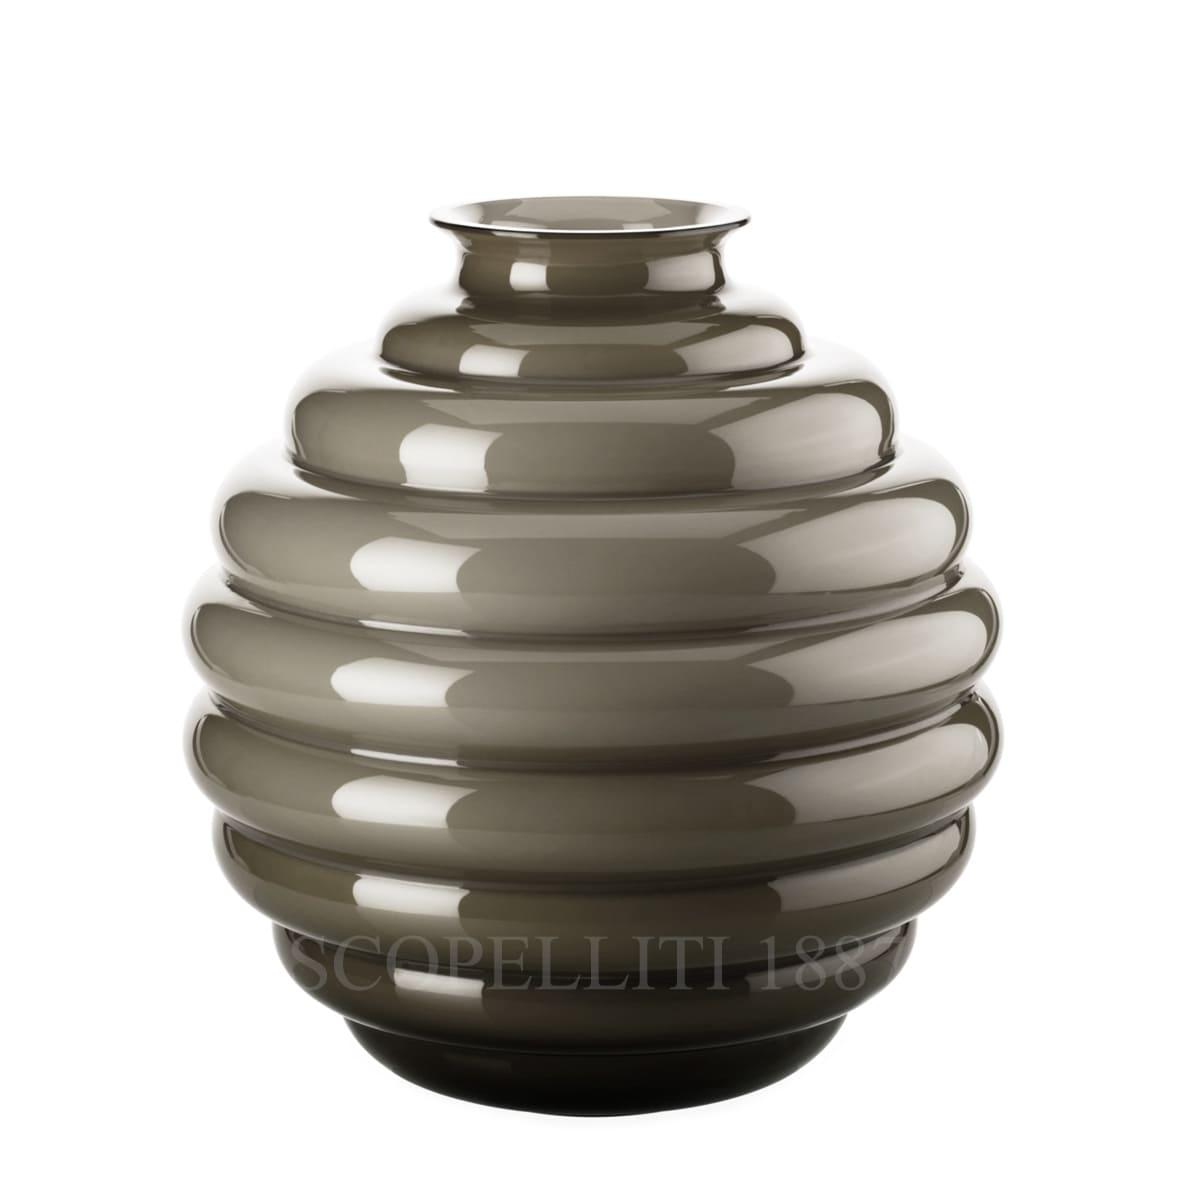 venini italian design deco vase large taupe